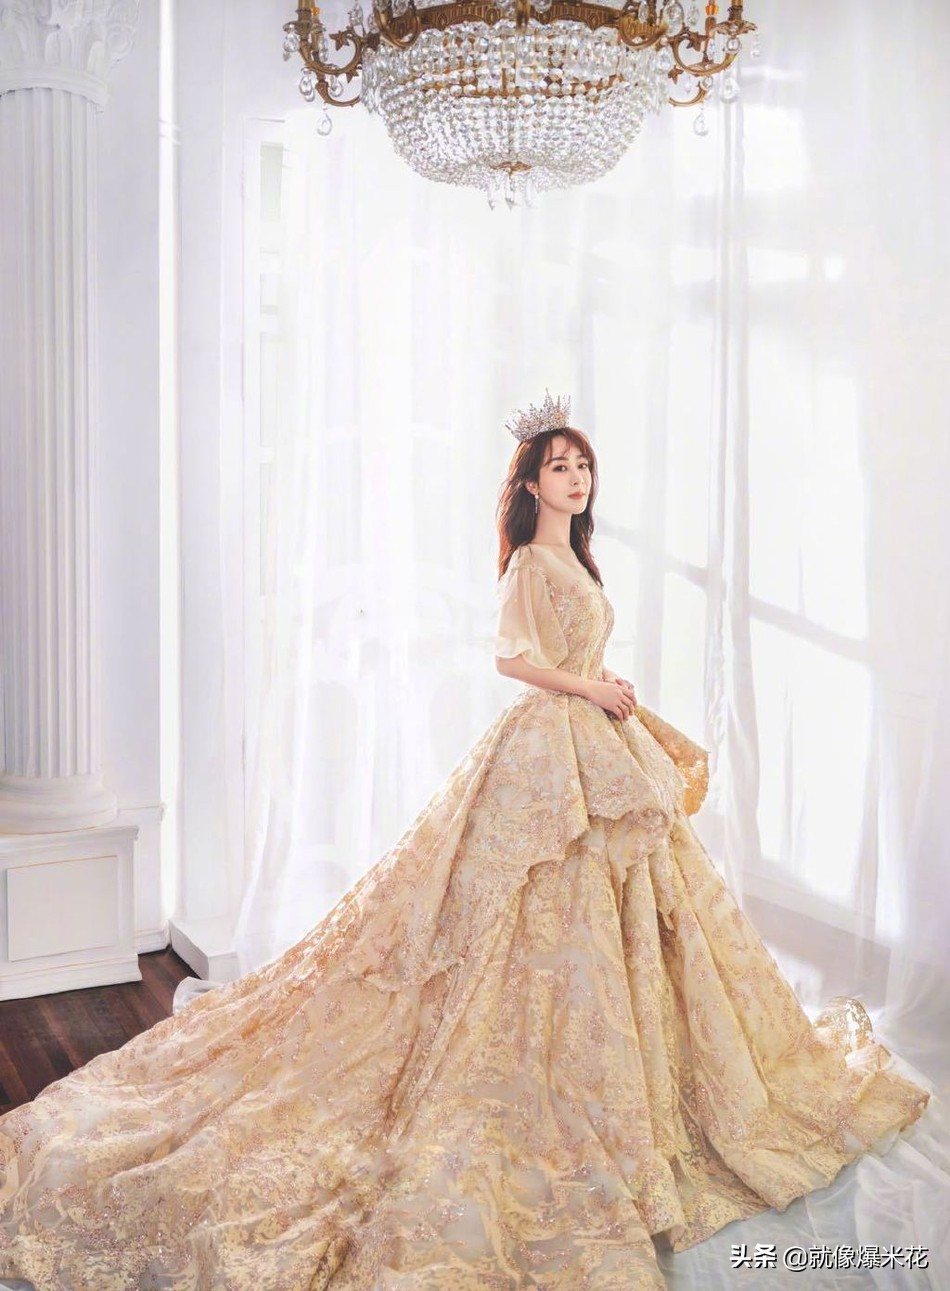 杨紫云雾大片曝光梦幻十足 婚纱造型优雅大气